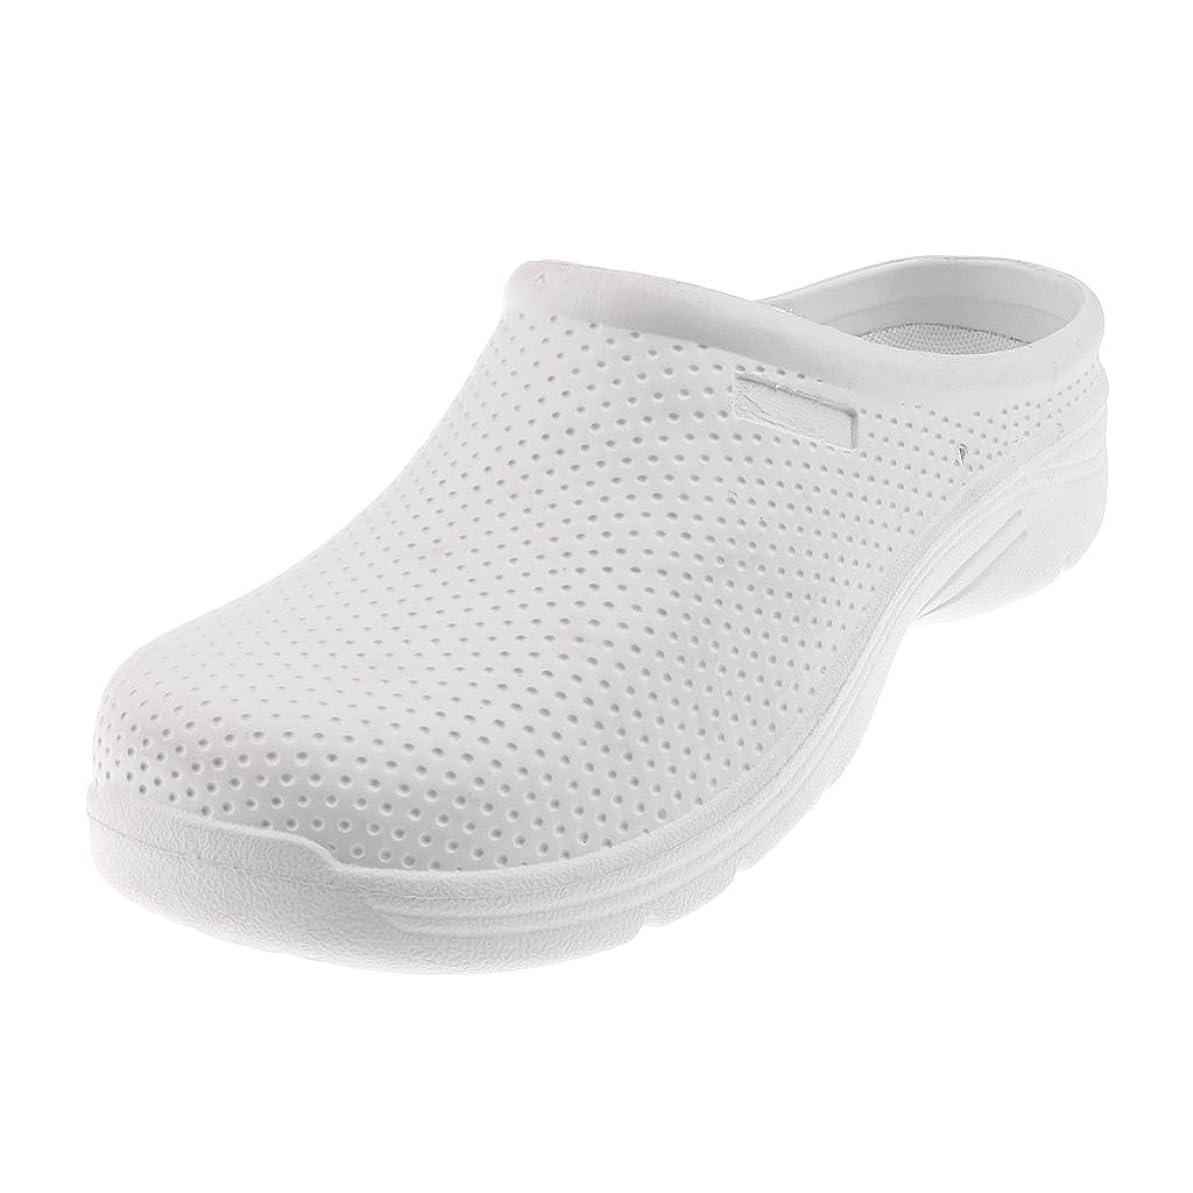 電子クリープアッティカスFenteer 多サイズ選べ 作業靴 ワークシューズ 男女用 白 滑り止め 抗菌 耐水 抗衝撃 病院 自宅